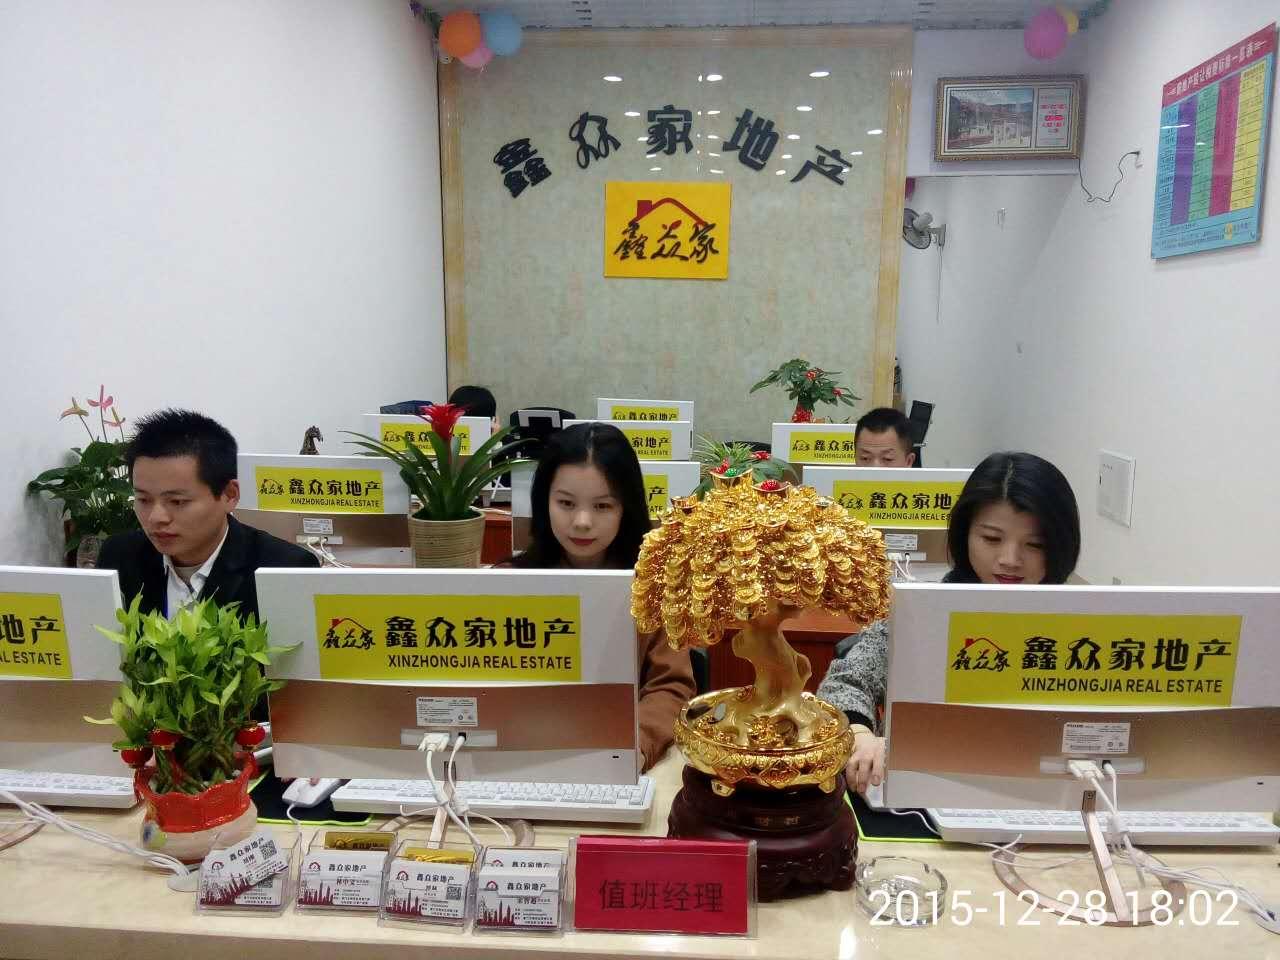 厦门市翔安区鑫众家房产中介服务部最新招聘信息